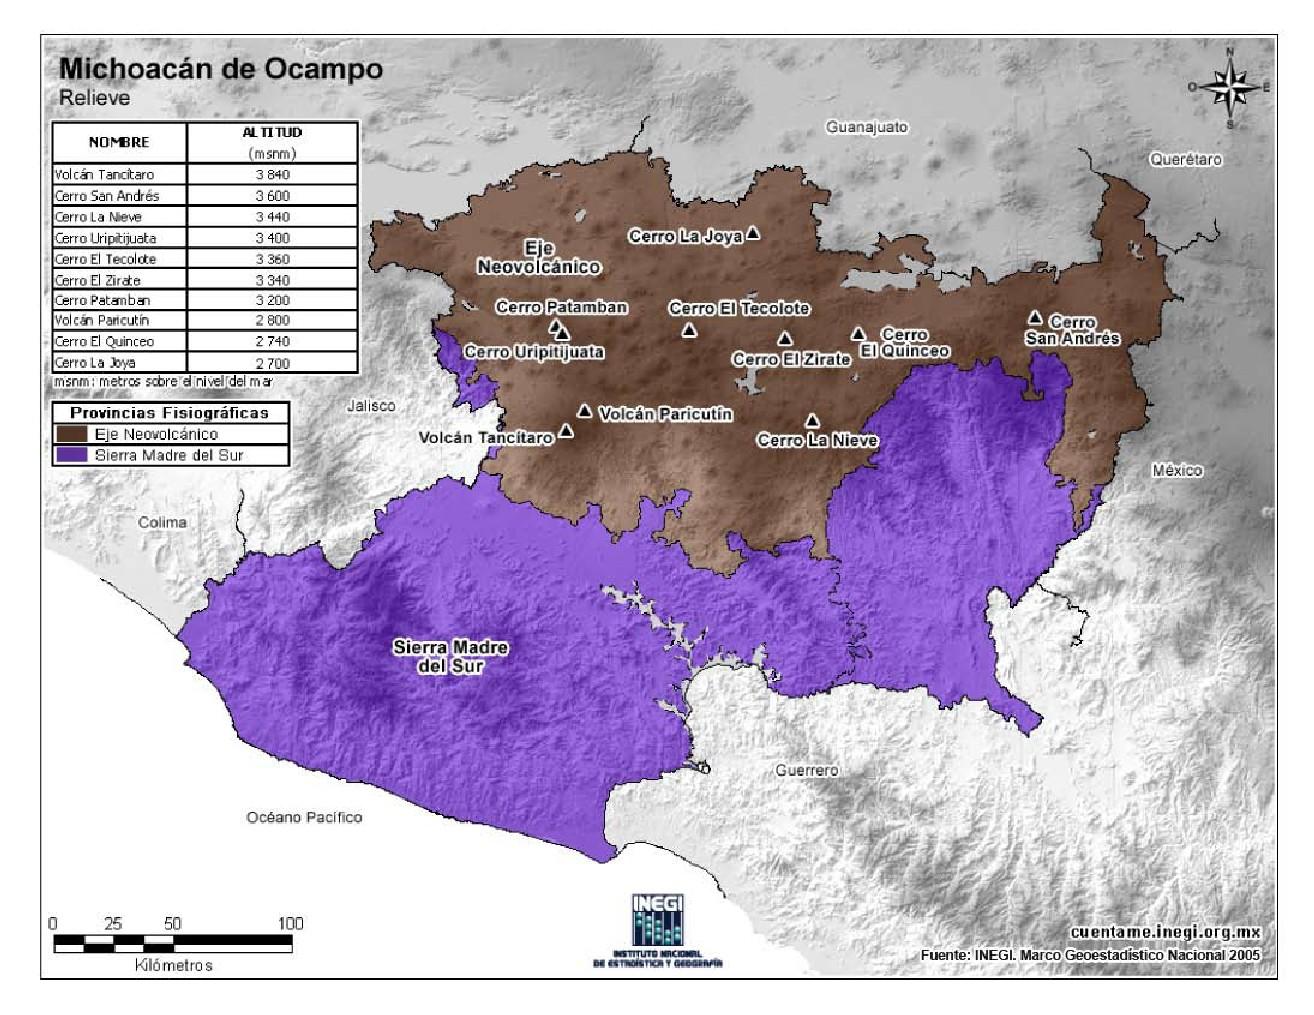 Mapa en color de montañas de Michoacán de Ocampo. INEGI de México